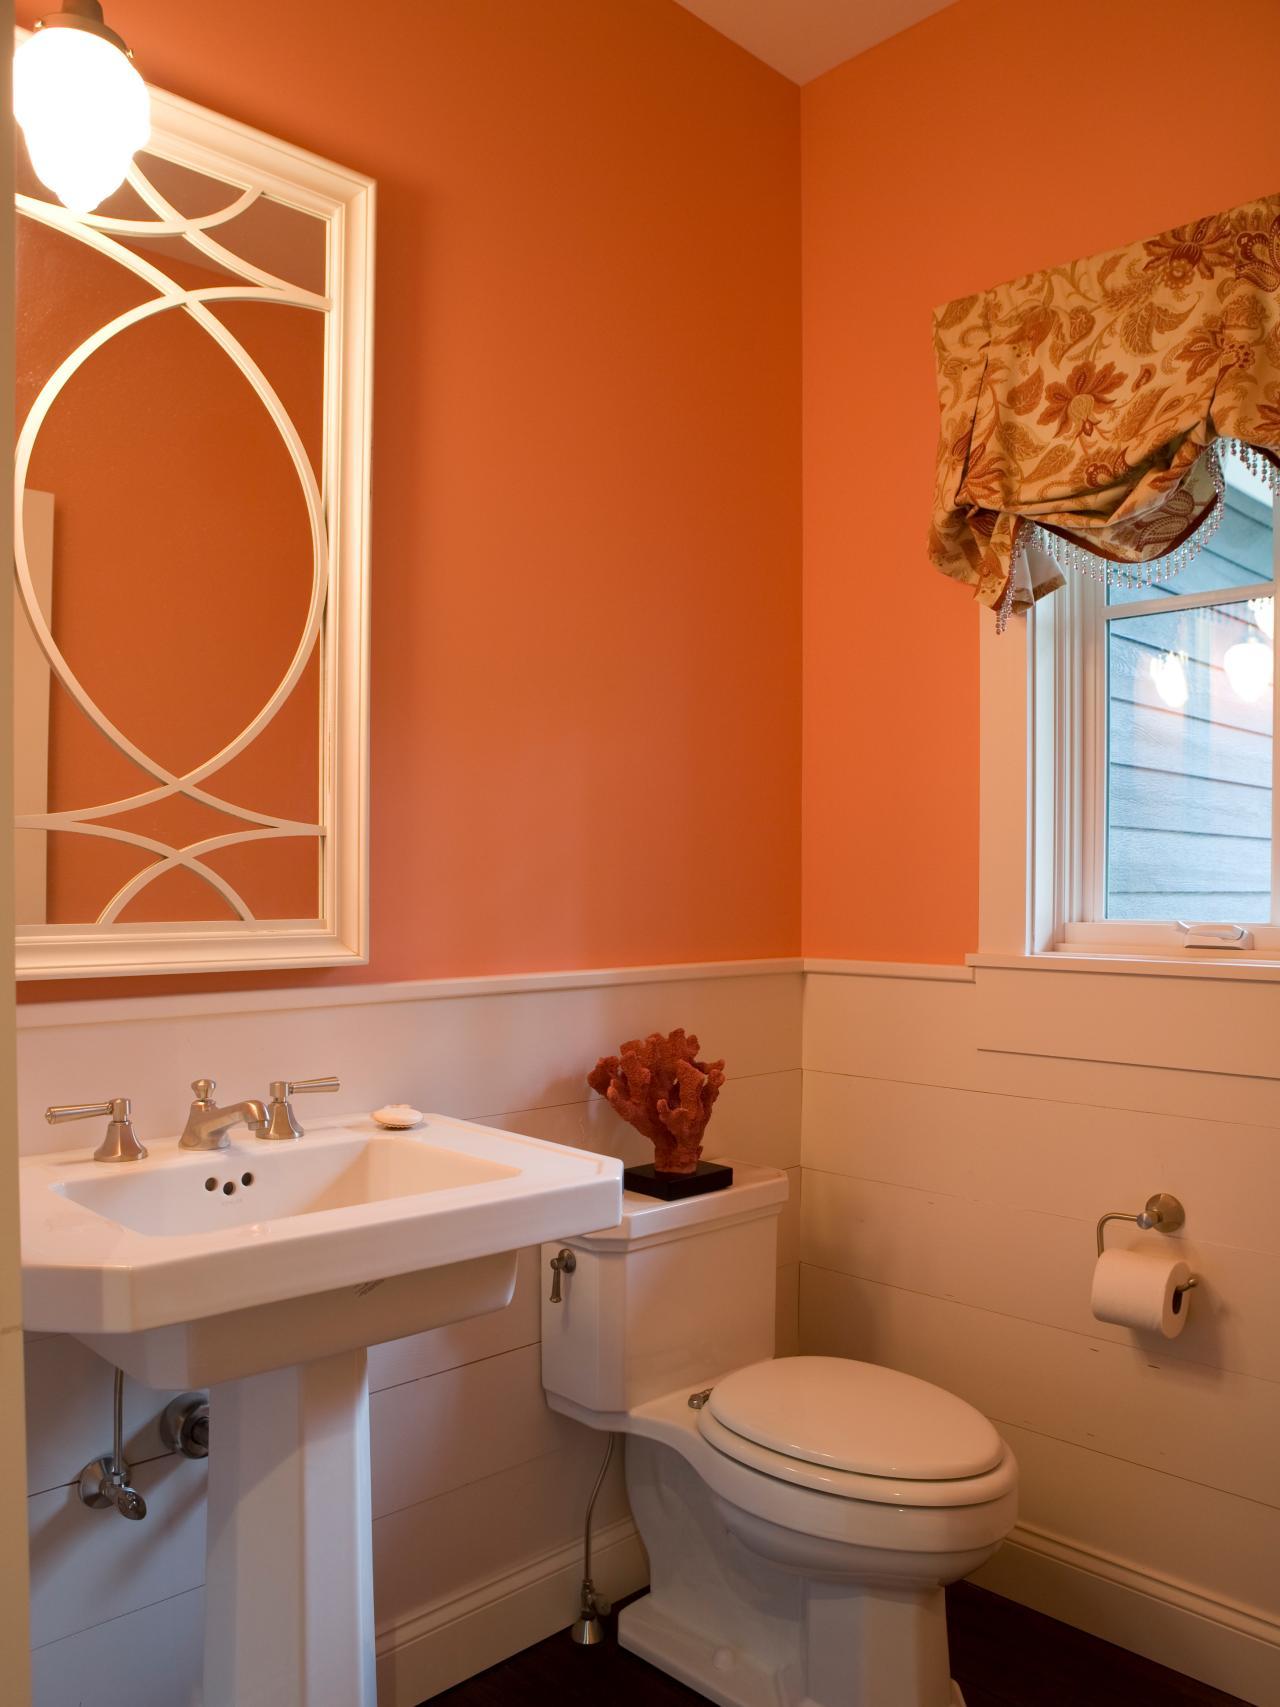 Персиковый цвет в интерьере туалета